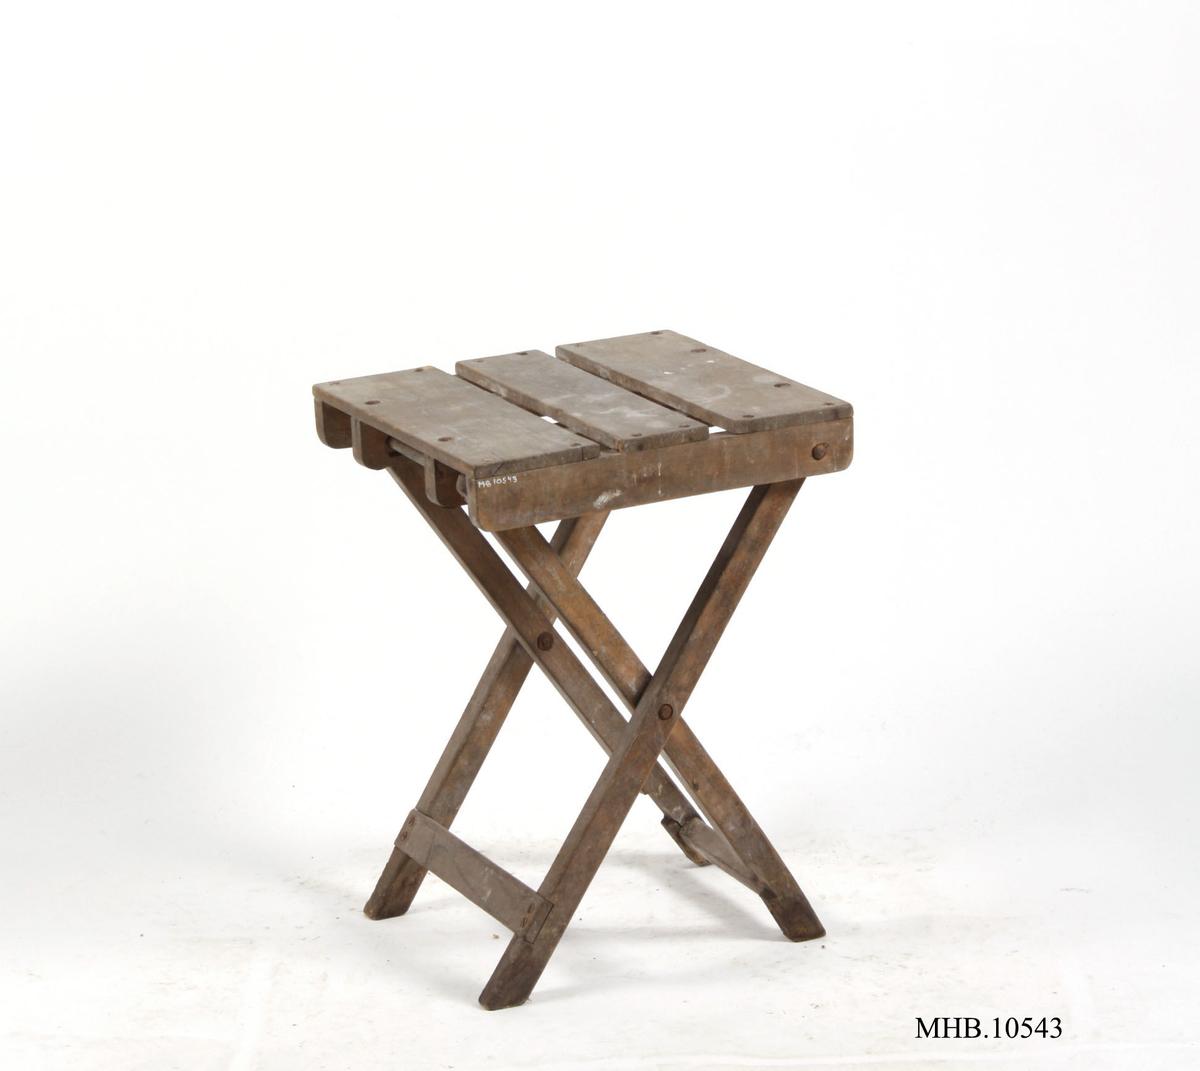 Krakken har fire bein, som henger sammen i par, nederst på hvert par er det en spross som binder de sammen. De er også festet med skruer til en av de motsatte beina omtrent midt på. Det ene settet med bein er skrudd fast til sargen, det andre paret er festet med en pinne mellom hverandre på en skinne, denne mekanismen er skapt for å kunne slå sammen stolen. Det er en sarg som består av to deler på sidene. Setet består av tre planker lagt oppå sargen og skinnen under setet. Setet er kvadratisk.